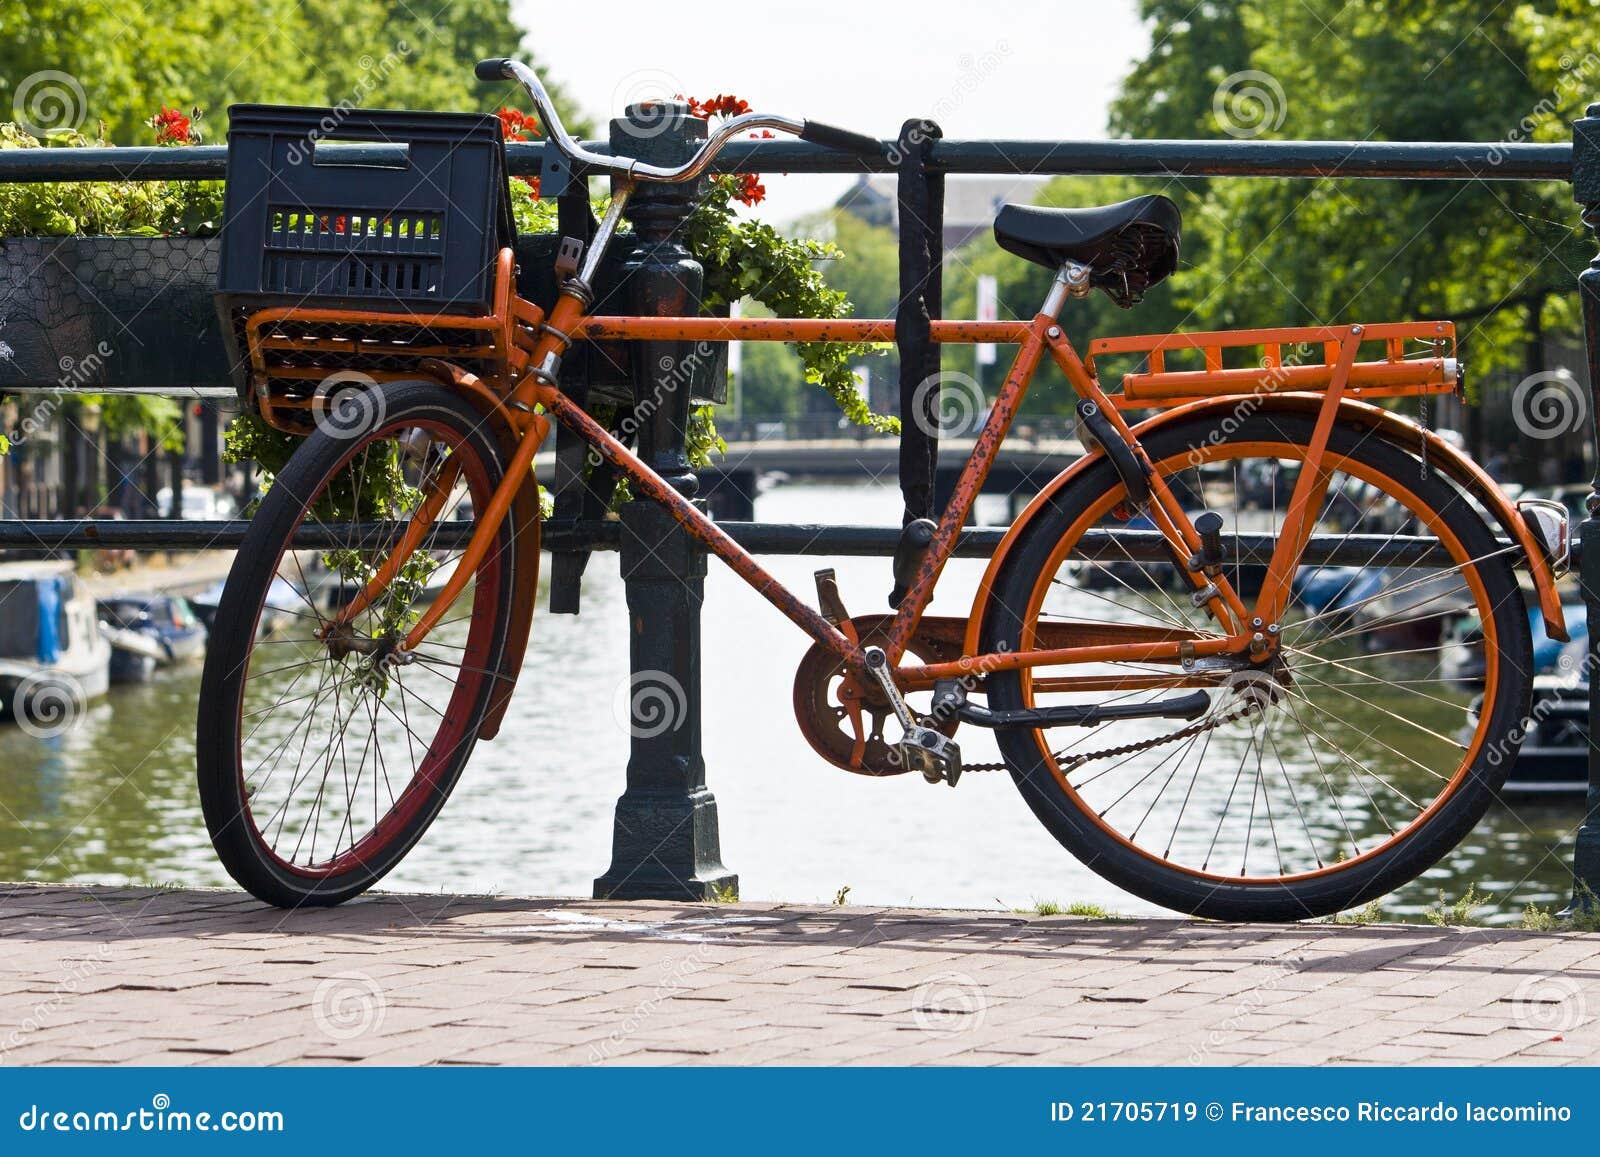 Bici arancione su un canale di amsterdam immagini stock for Affitto bici amsterdam